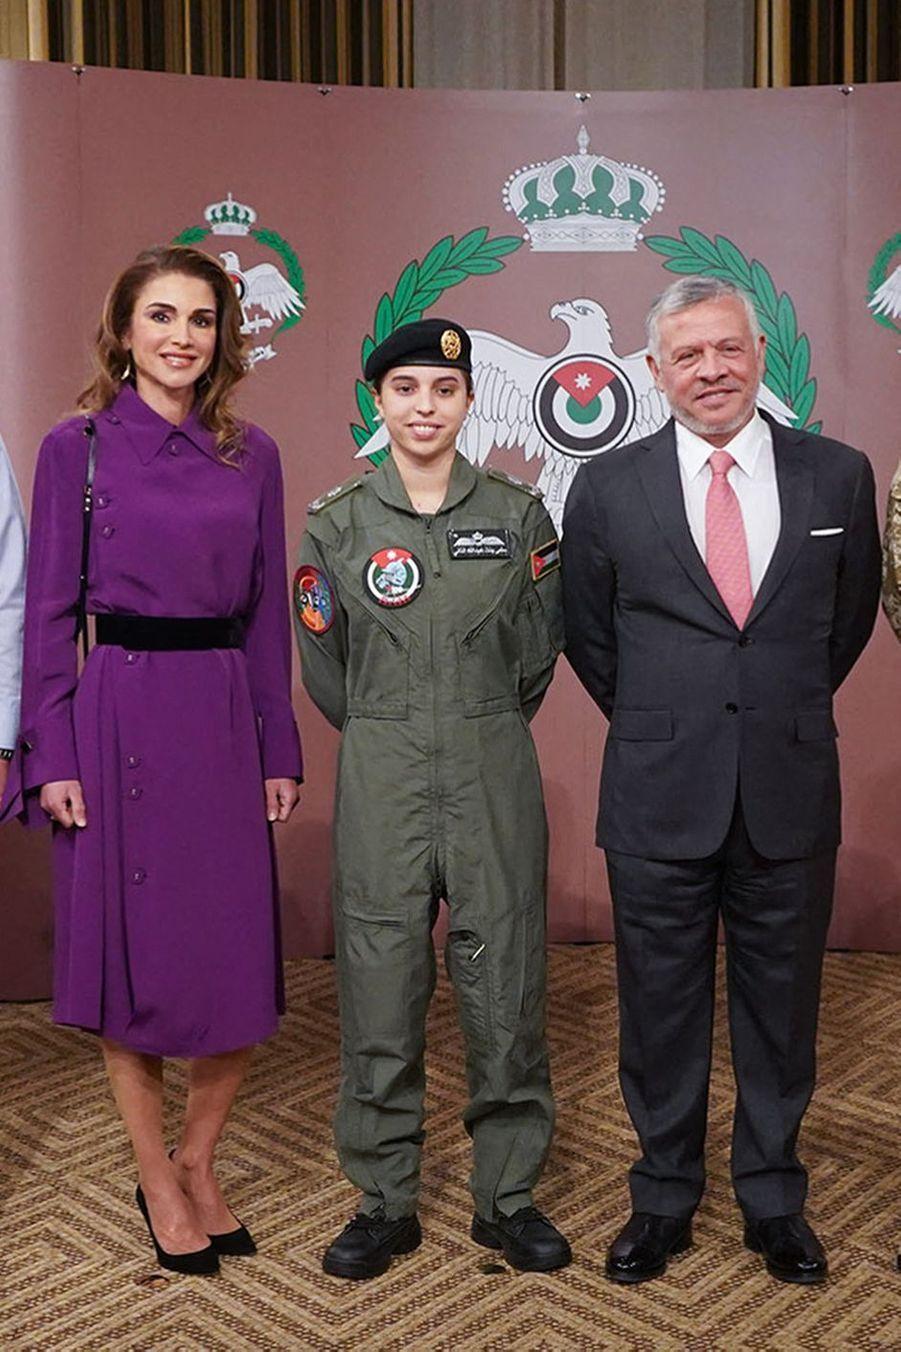 La princesse Salma de Jordanie avec ses parents, le roi Abdallah II et la reine Rania, à Amman le 8 janvier 2019